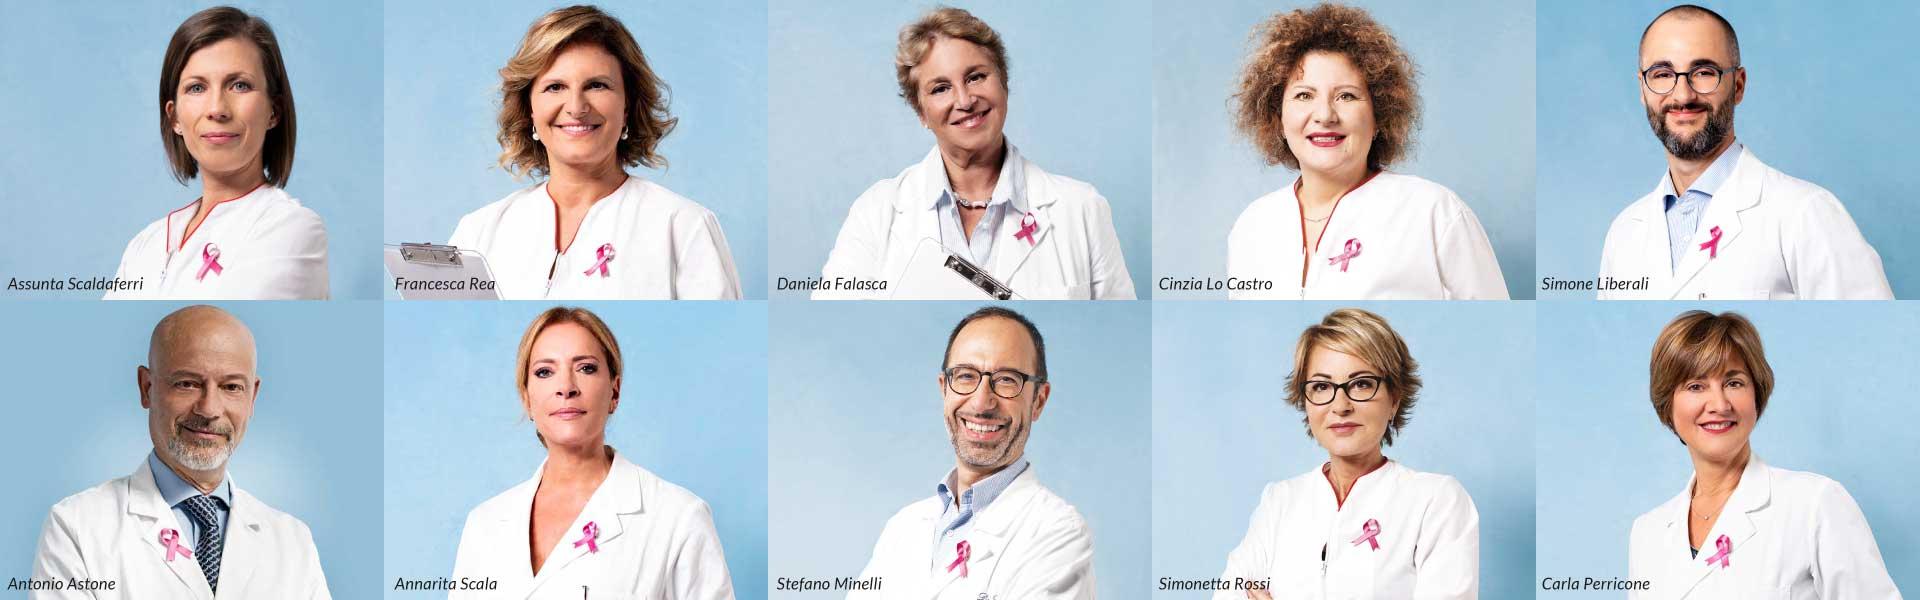 staff senoclinic 3